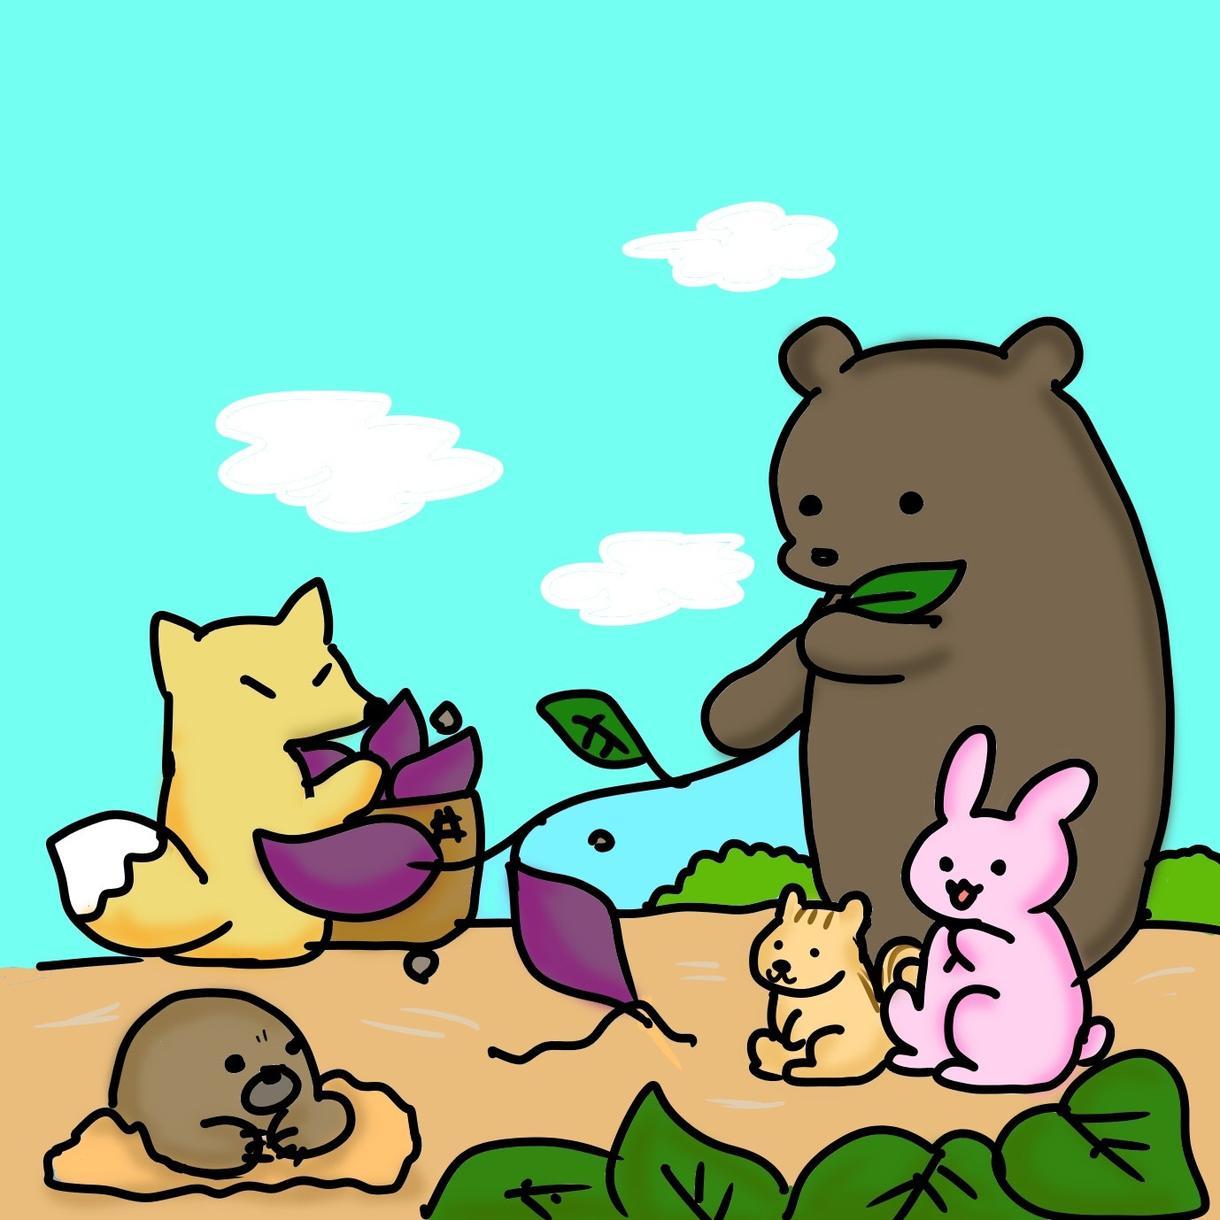 マスコットキャラクター作成します ちょっと変わった動物でもOK☆むしろ動物じゃなくてもOK☆